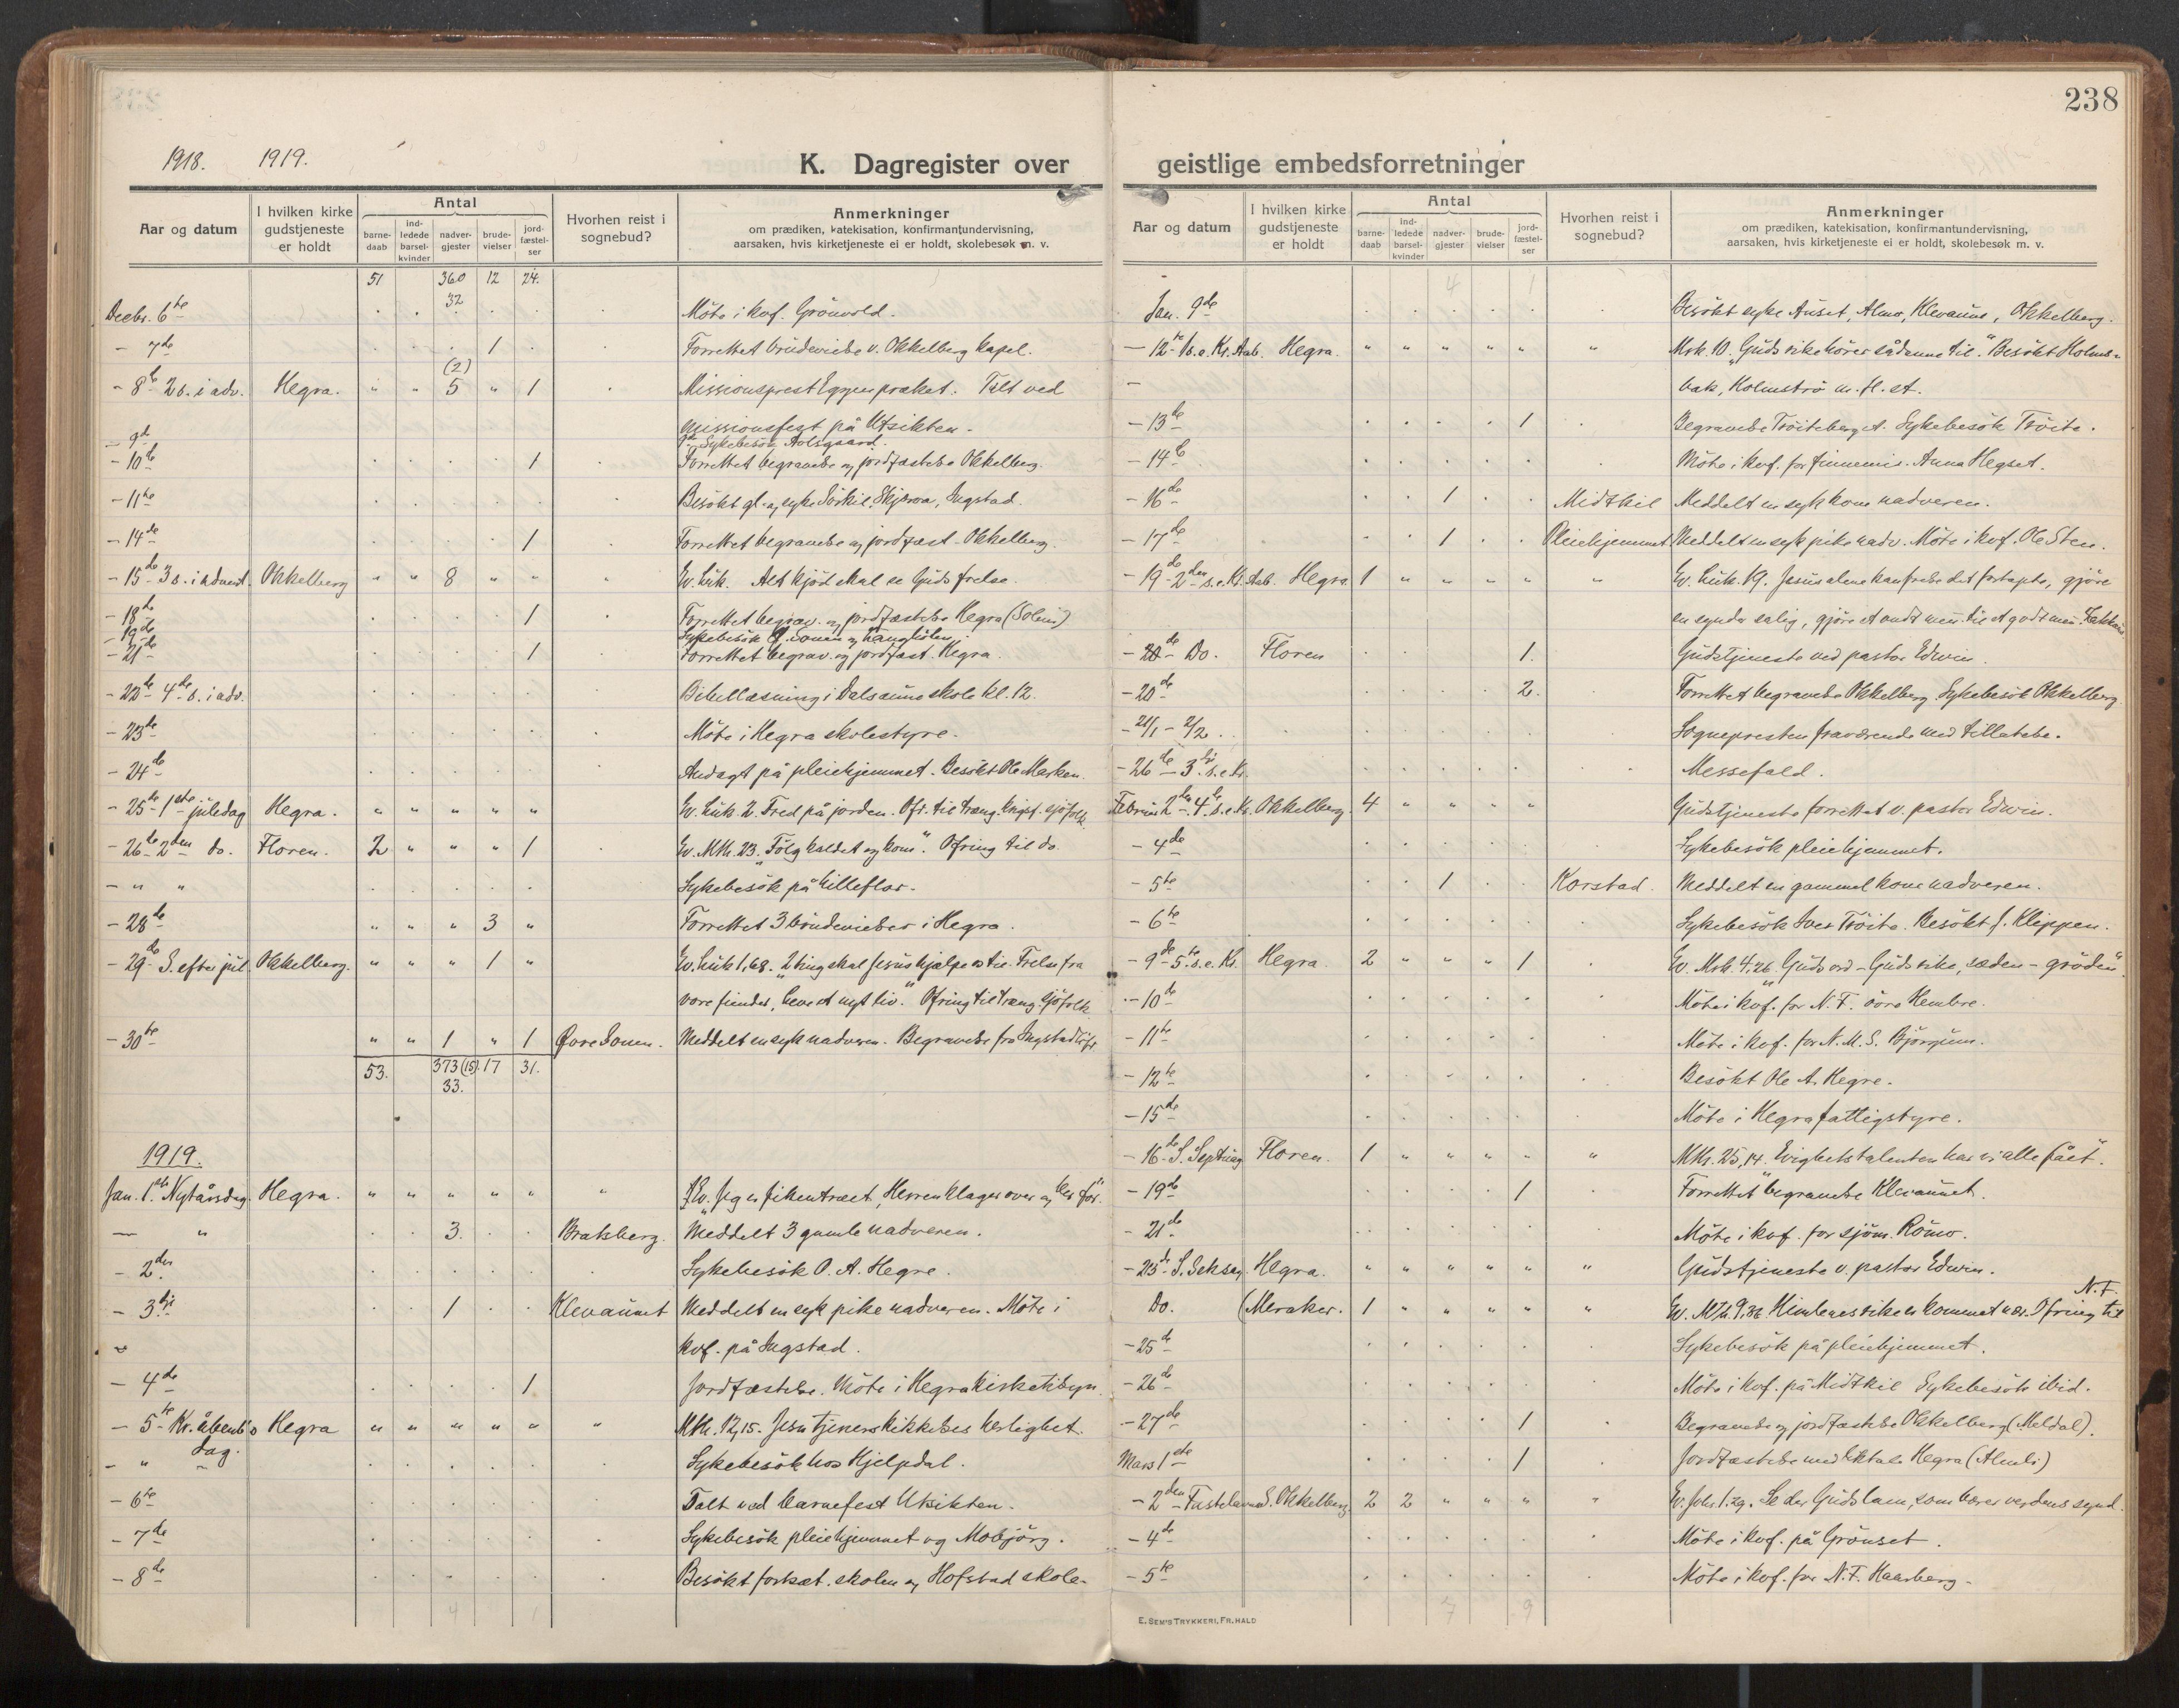 SAT, Ministerialprotokoller, klokkerbøker og fødselsregistre - Nord-Trøndelag, 703/L0037: Parish register (official) no. 703A10, 1915-1932, p. 238